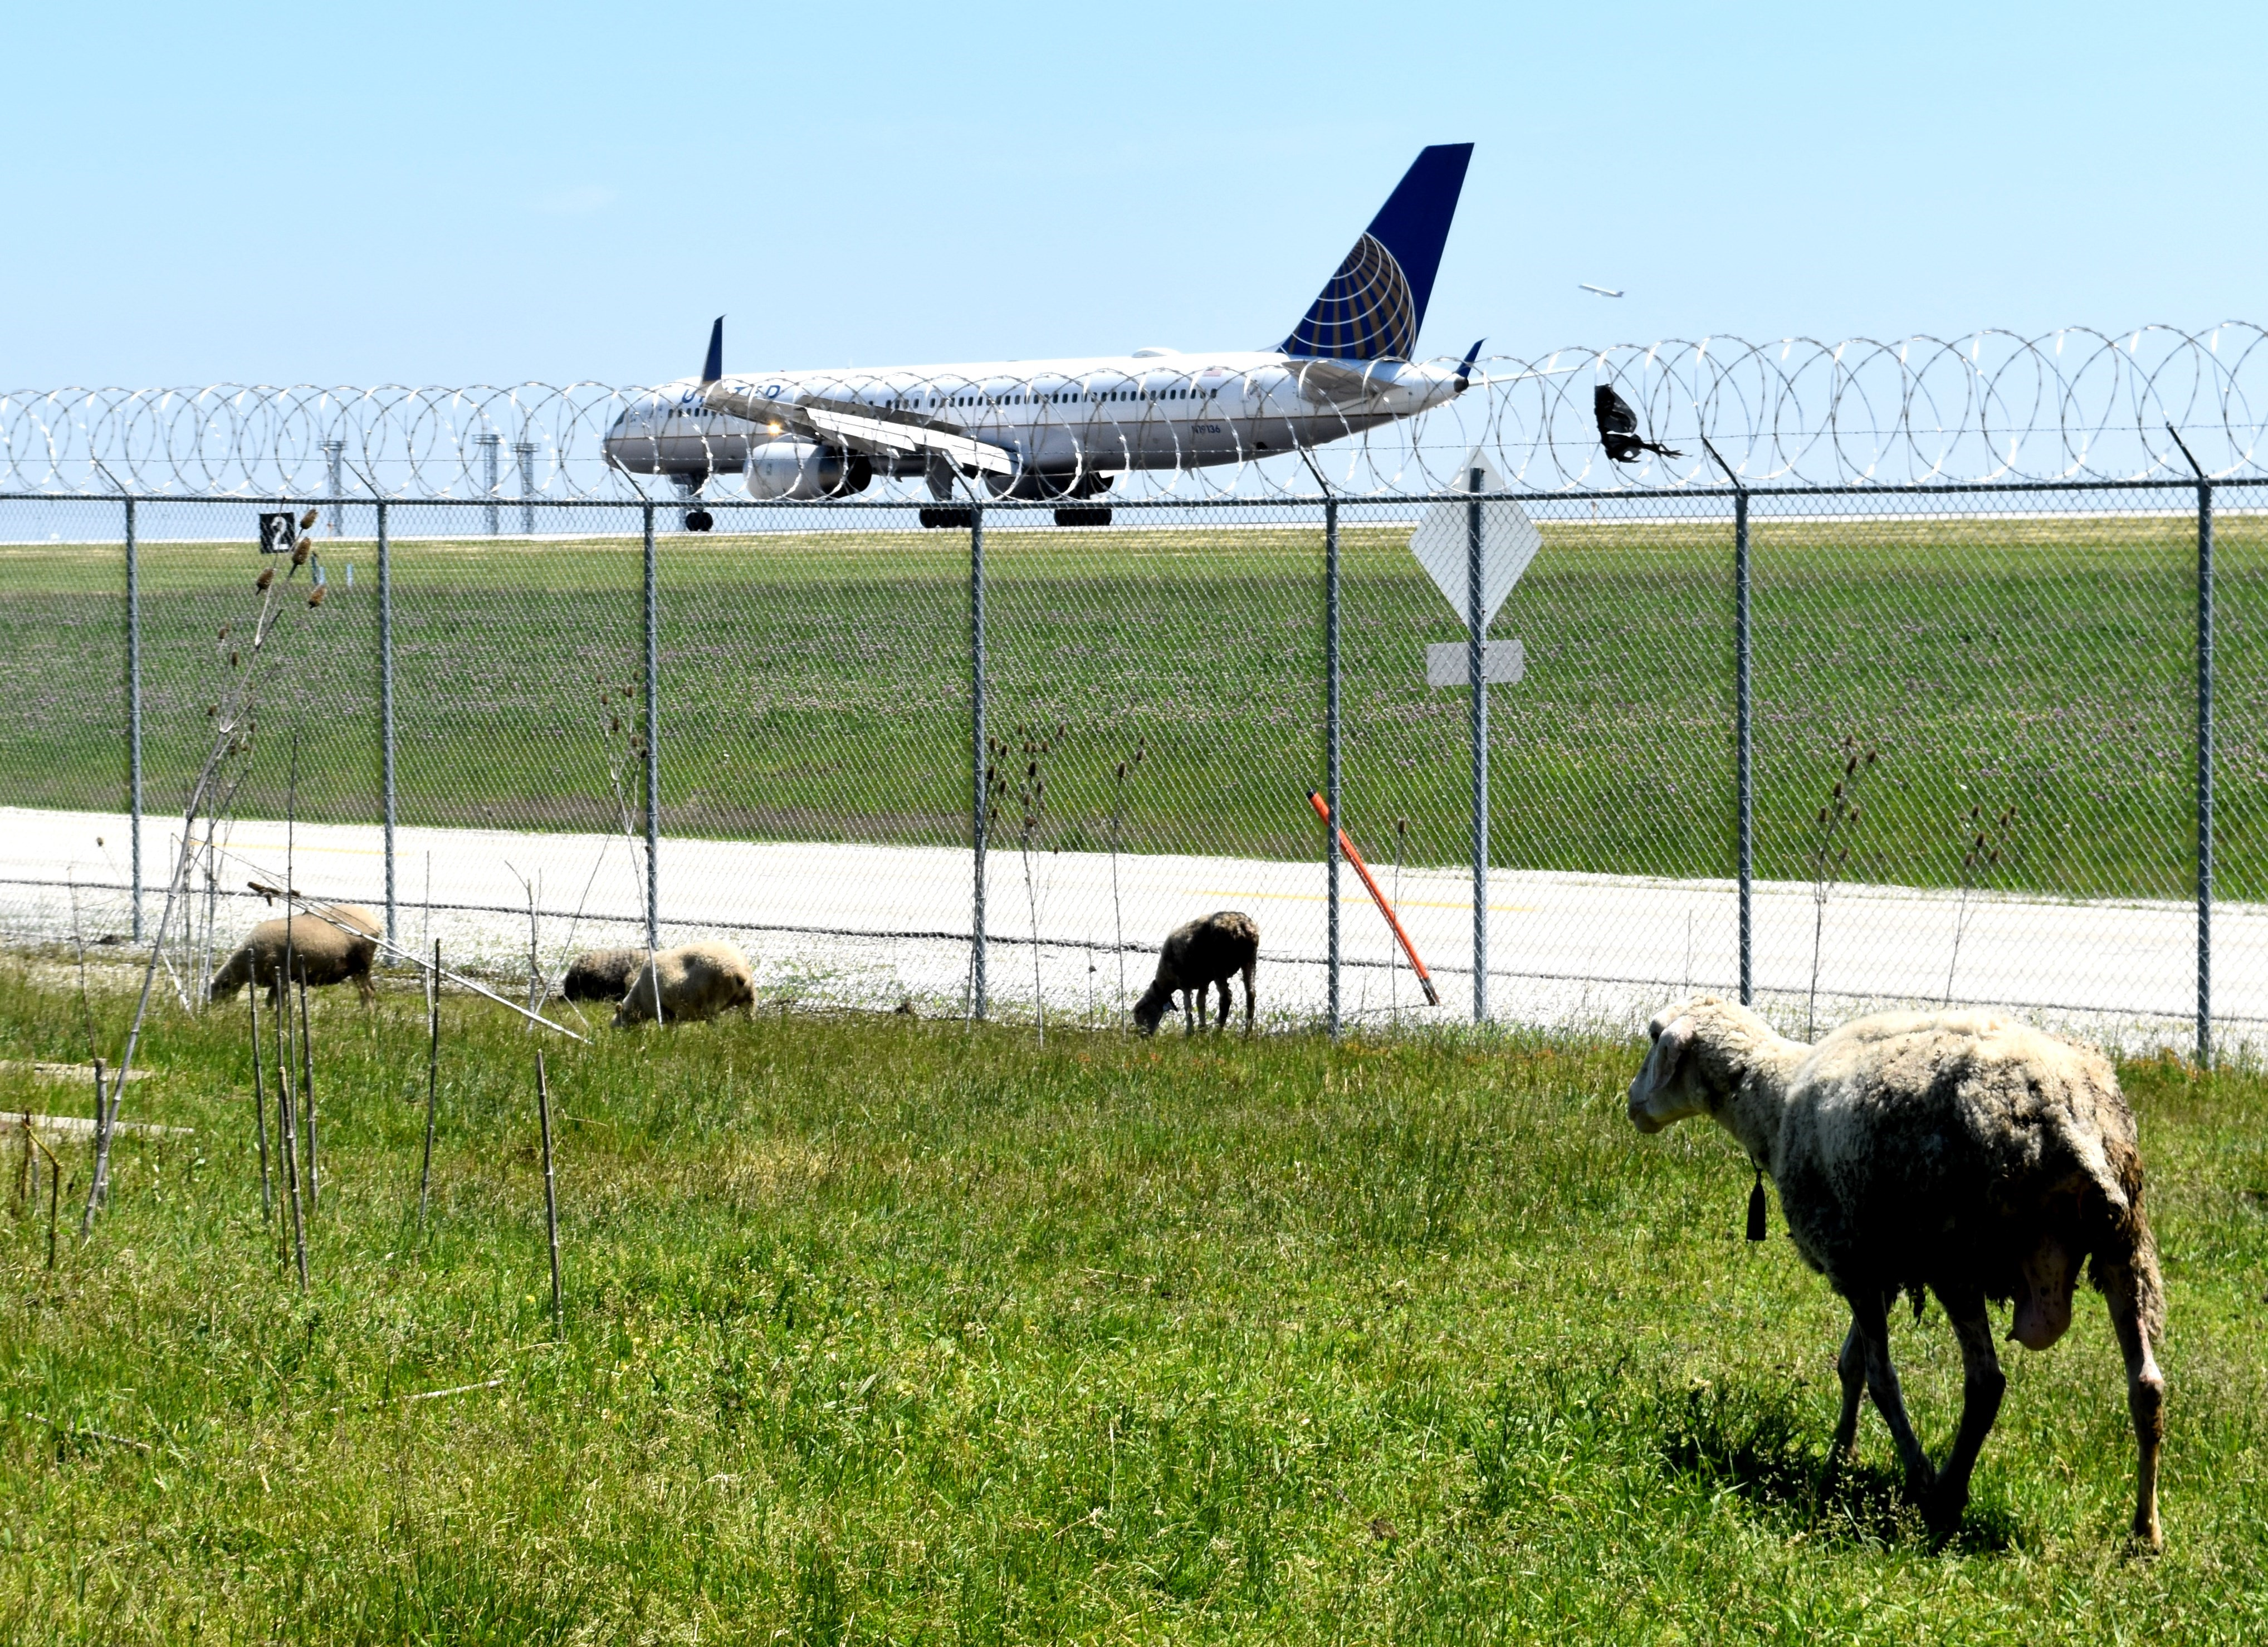 Stado kóz, owiec i osioł na lotnisku O'Hare